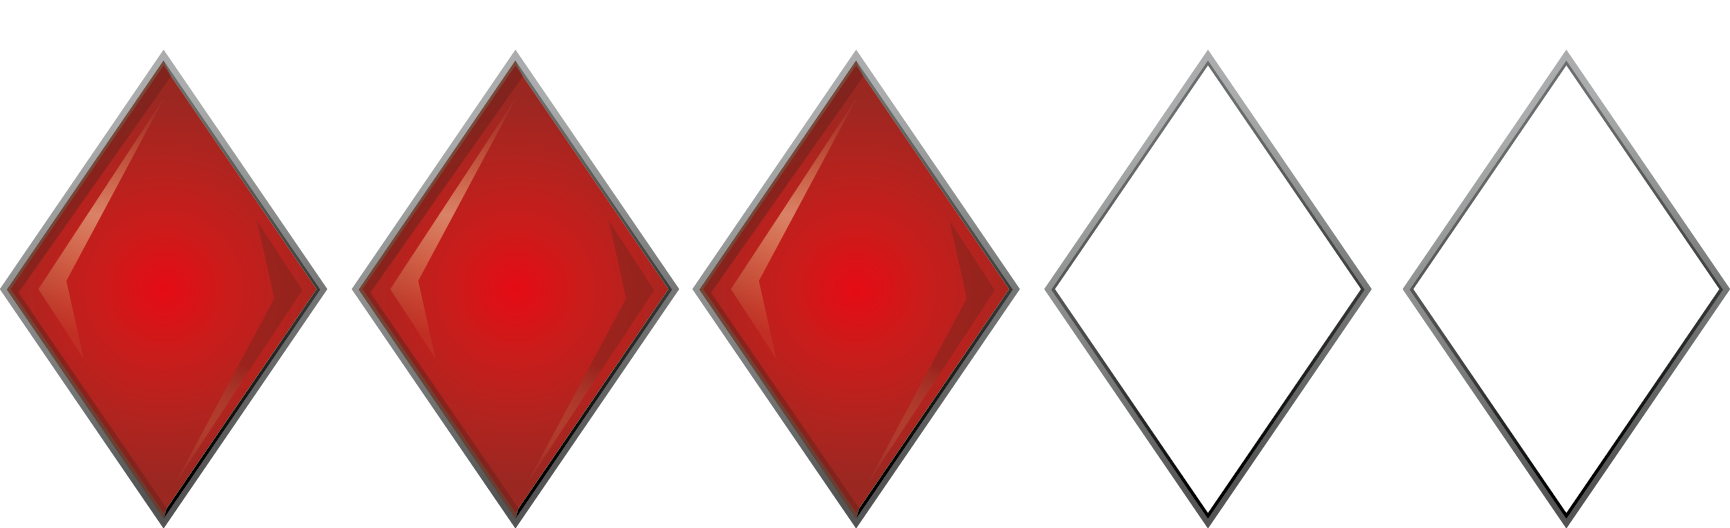 3.5 diamond BLADE RANKING